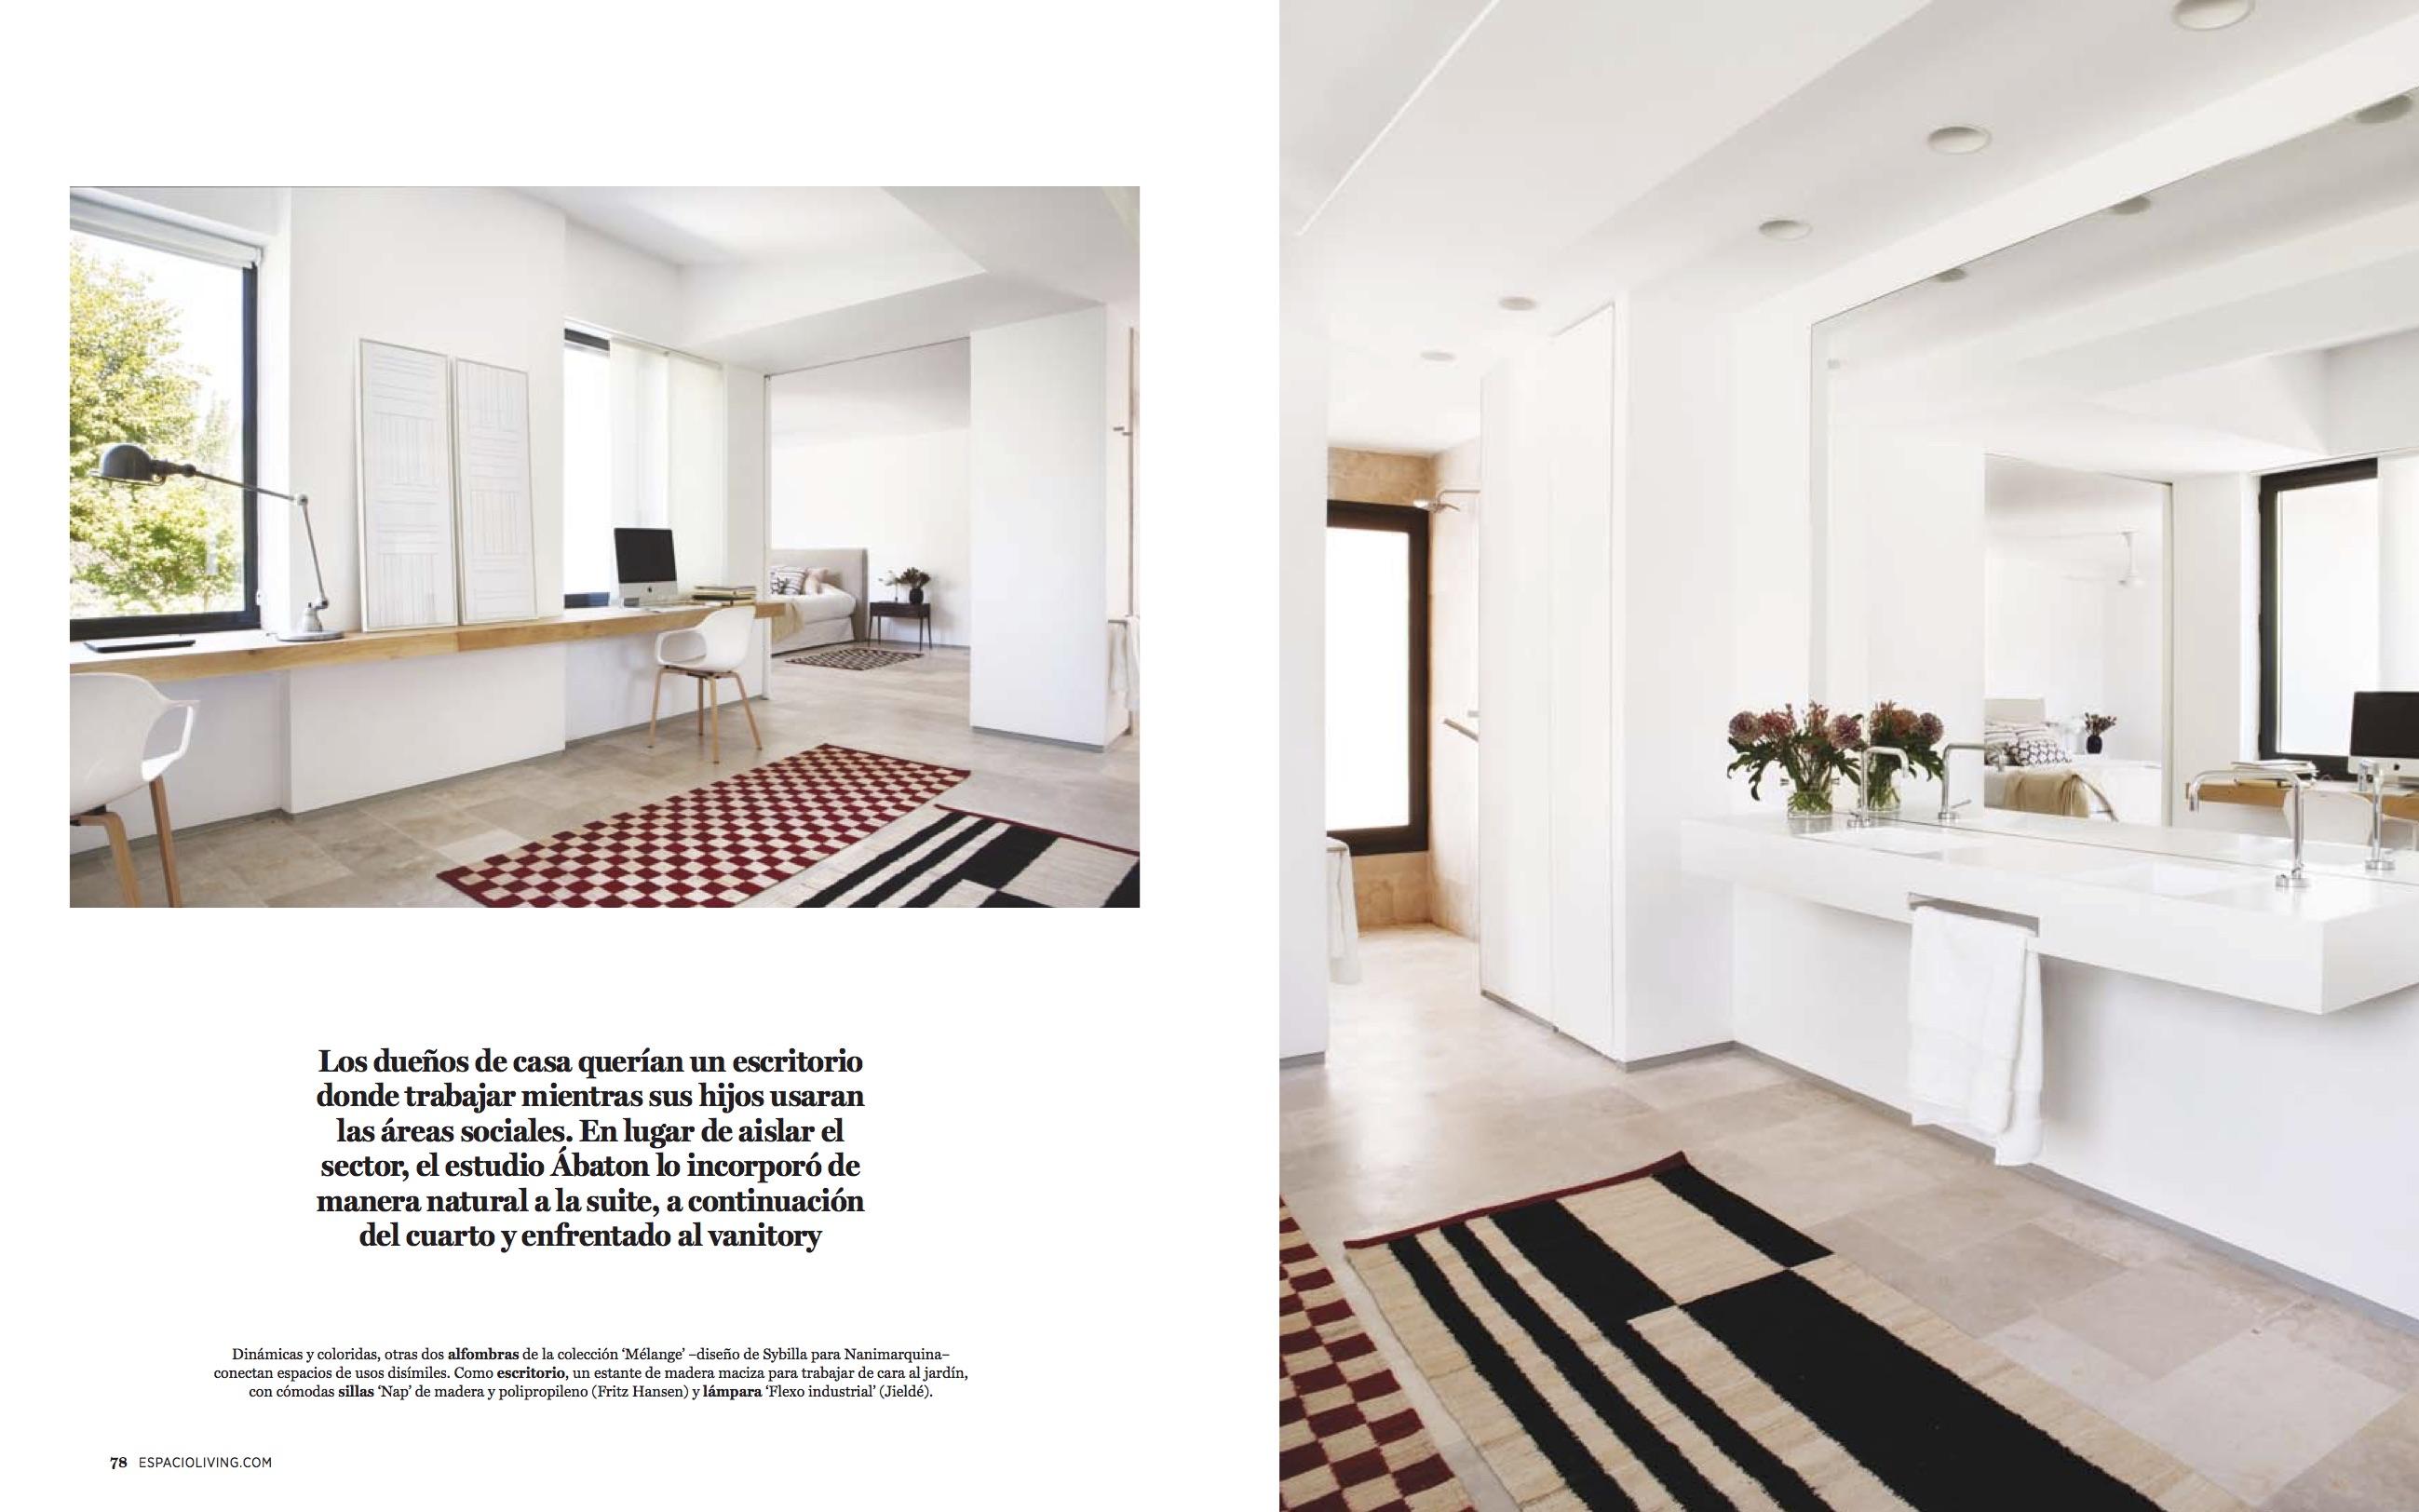 Proyecto de interiorismo de batavia en la revista for Carrera de interiorismo y decoracion